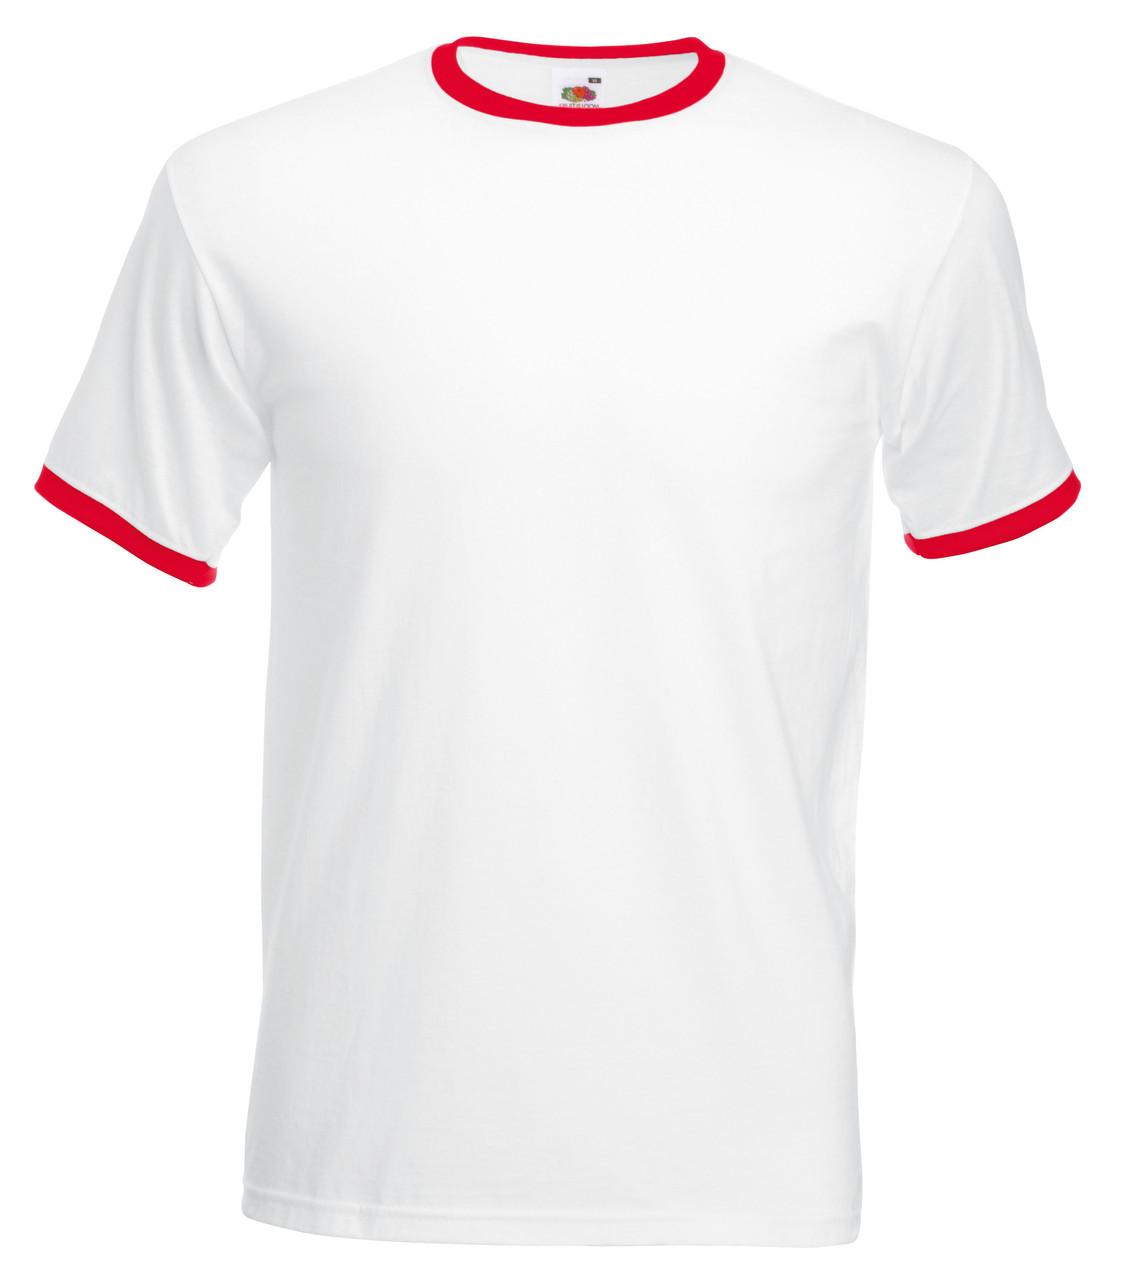 Мужская Футболка c Цветной Окантовкой Fruit of the loom Белый/Красный 61-168-Wm S